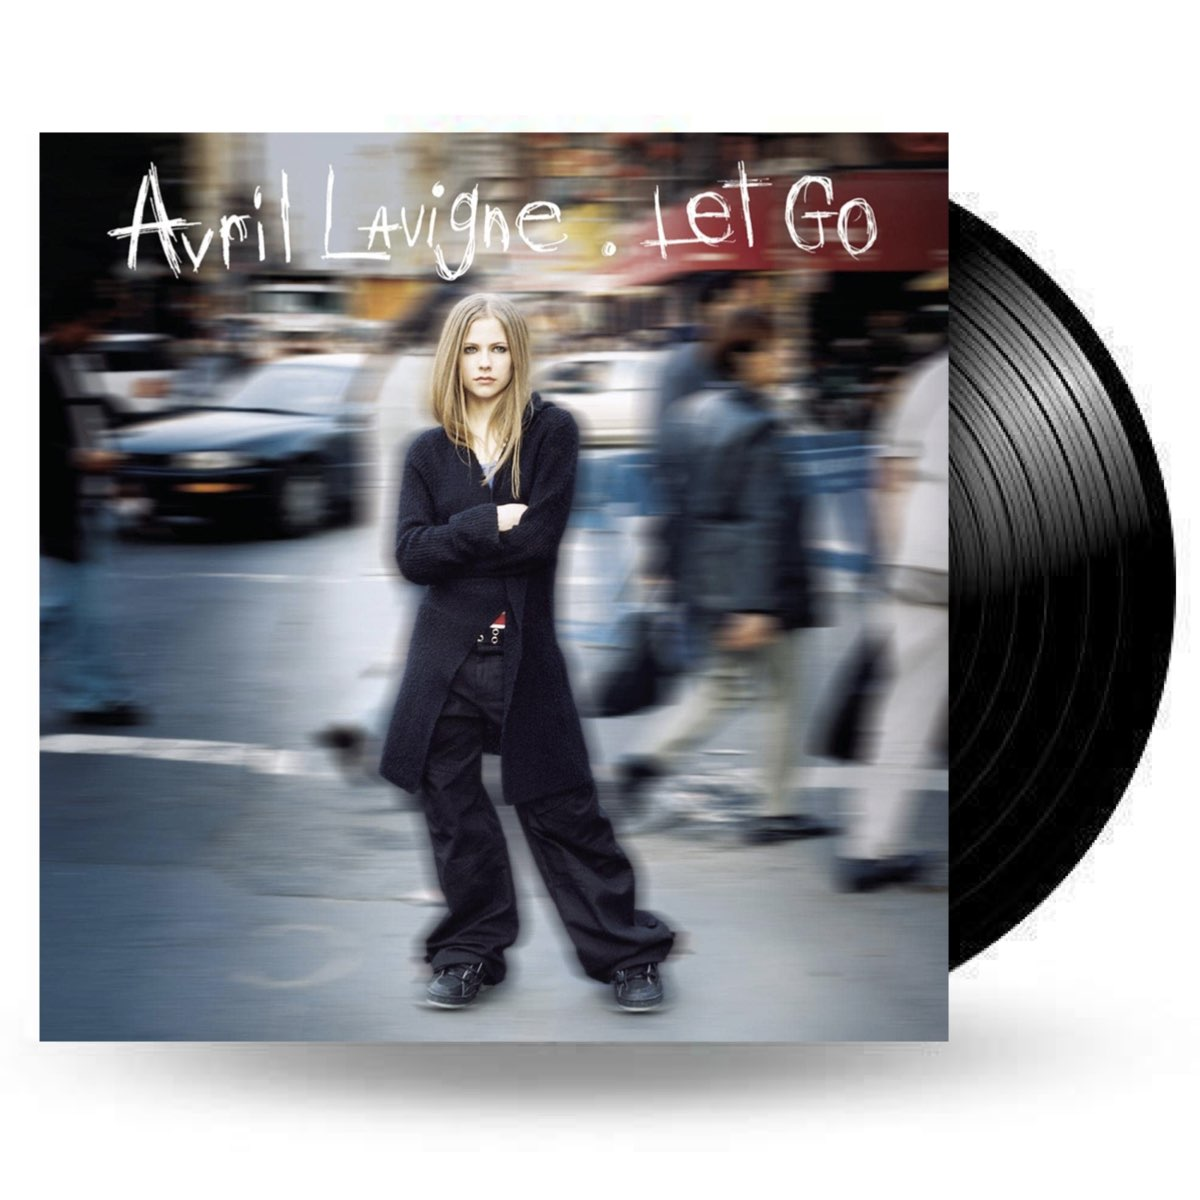 OUTLET - Avril Lavigne - Let Go [Double Black 180g Vinyl] - AVARIA - LEIA A DESCRIÇÃO